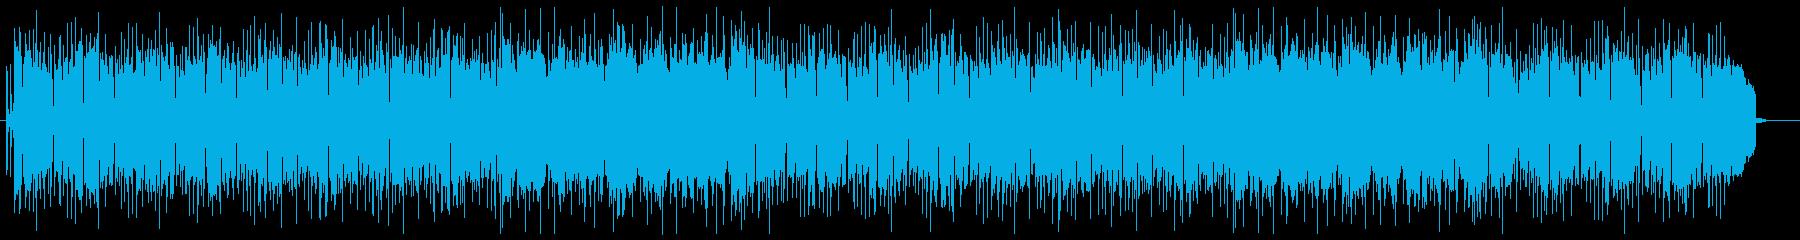 透明感と浮遊感のあるシンセ系BGMの再生済みの波形